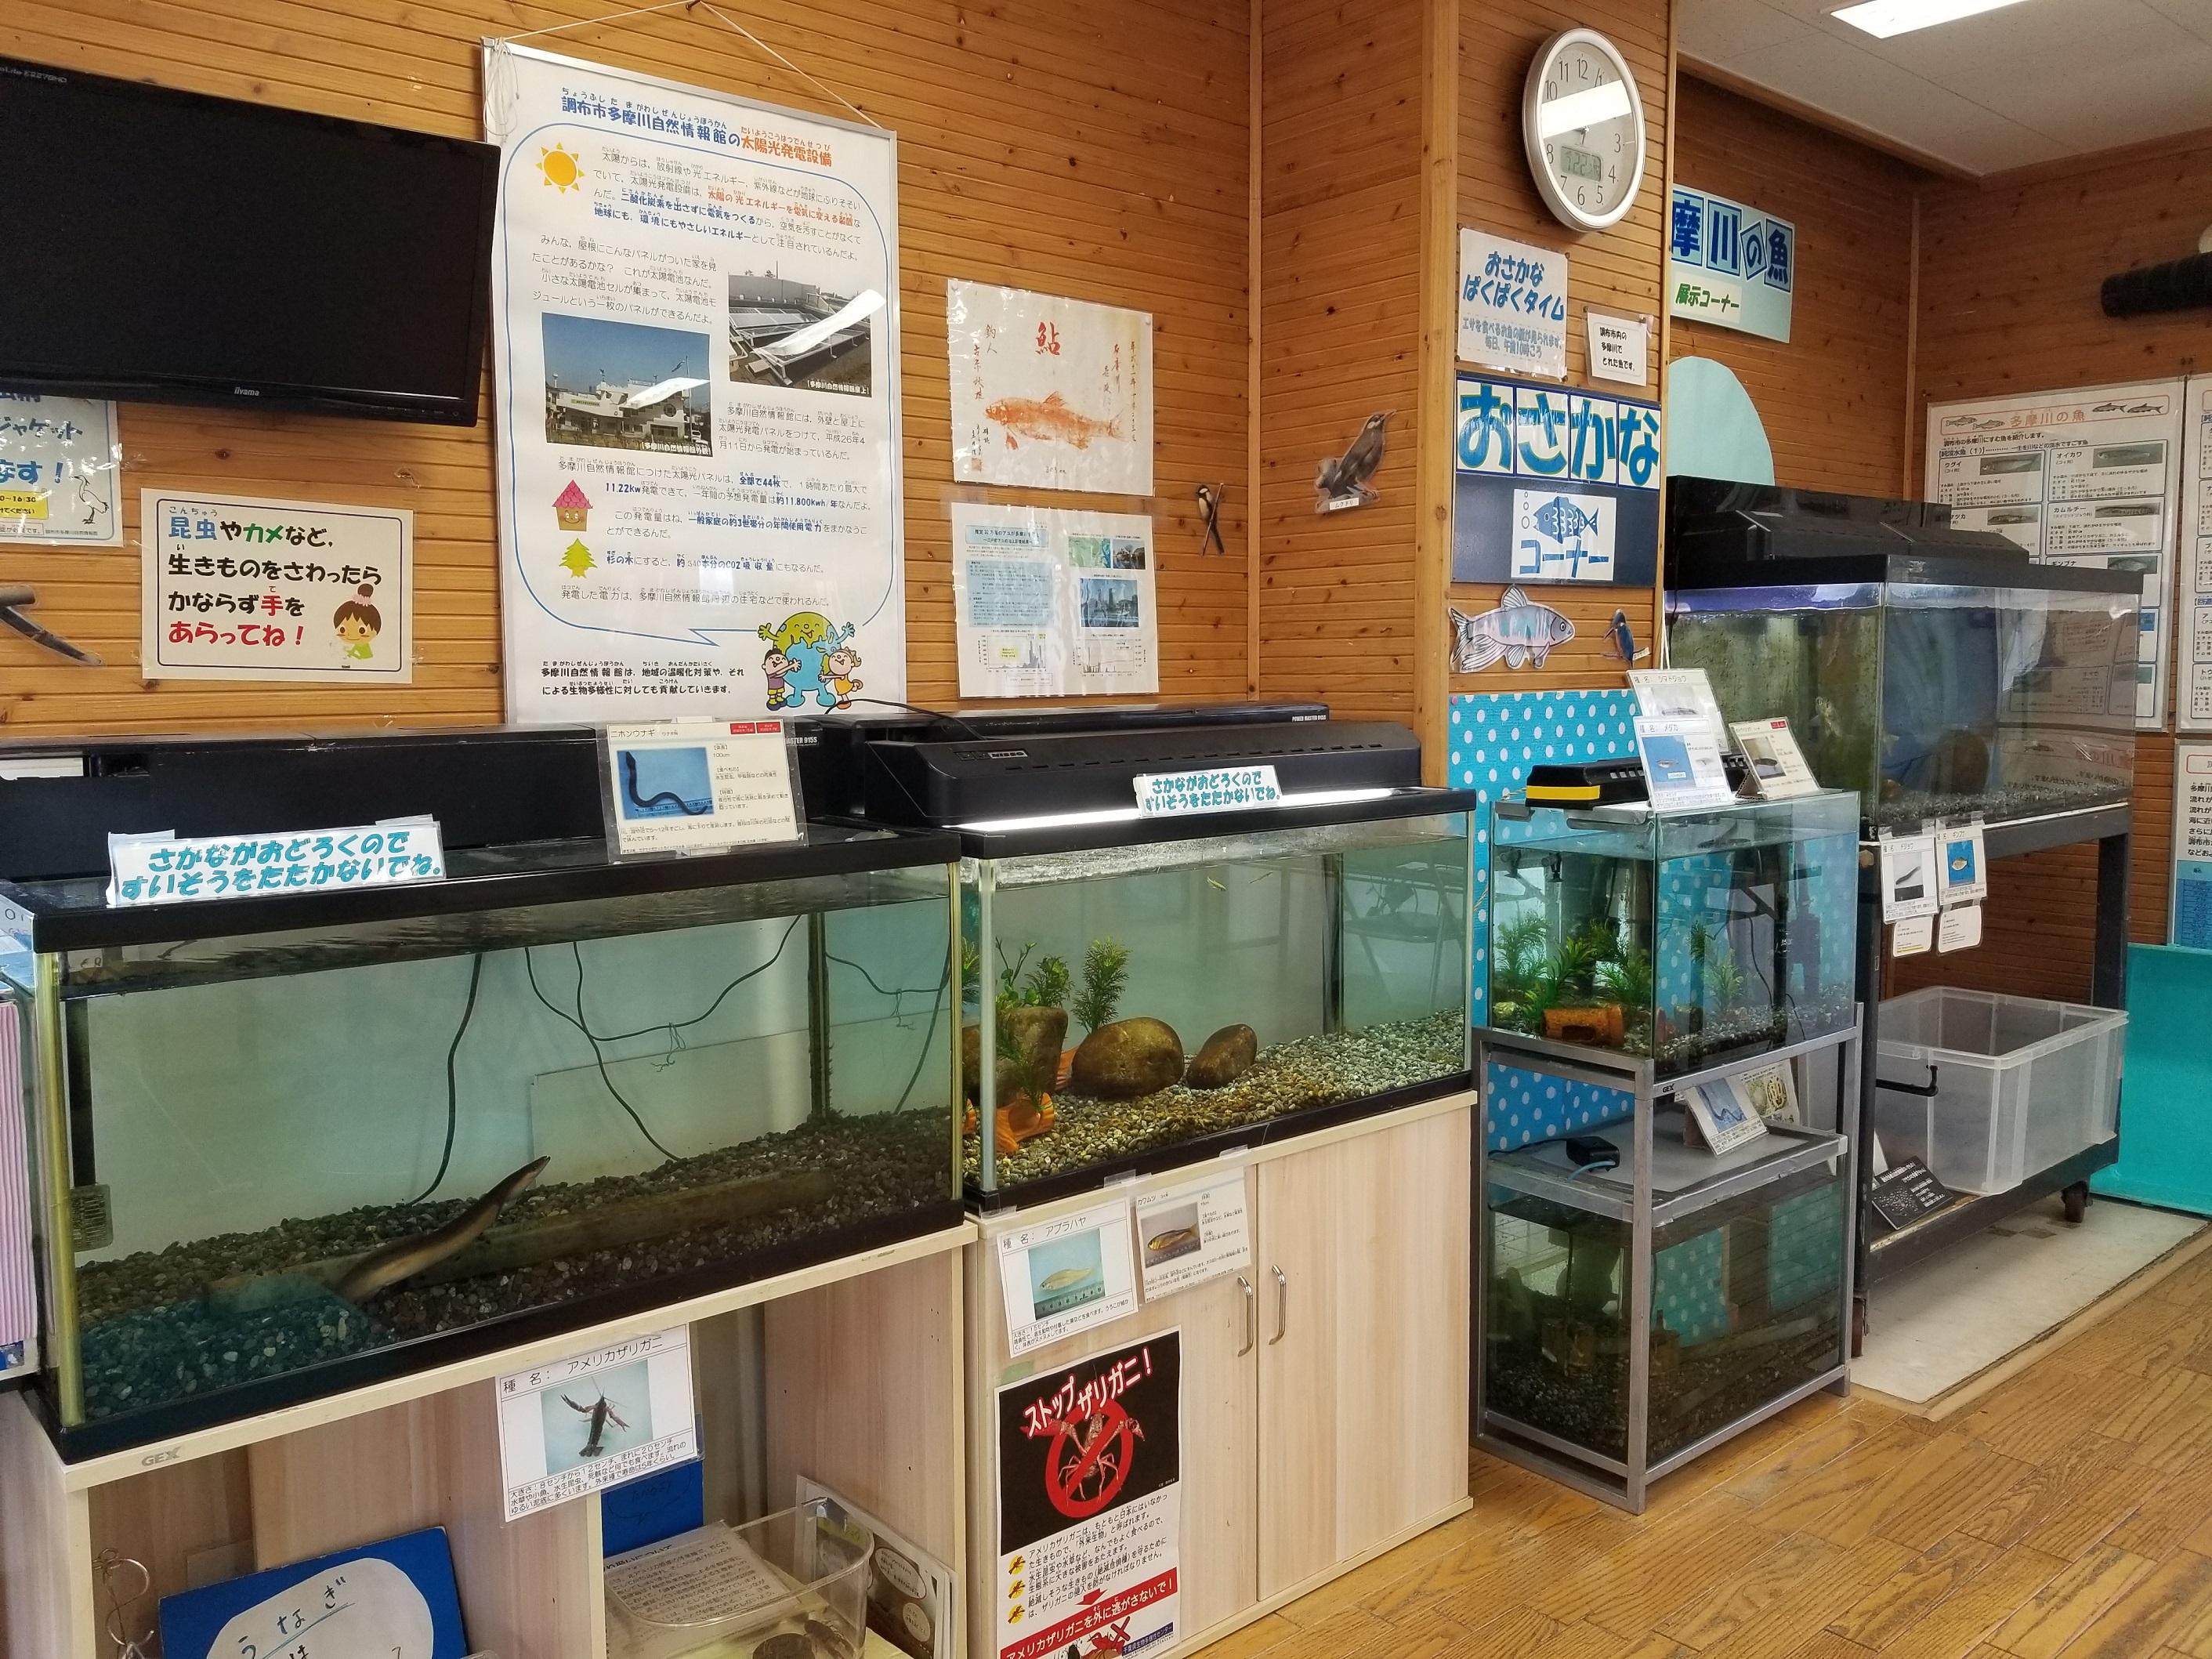 多摩川自然情報館内水槽